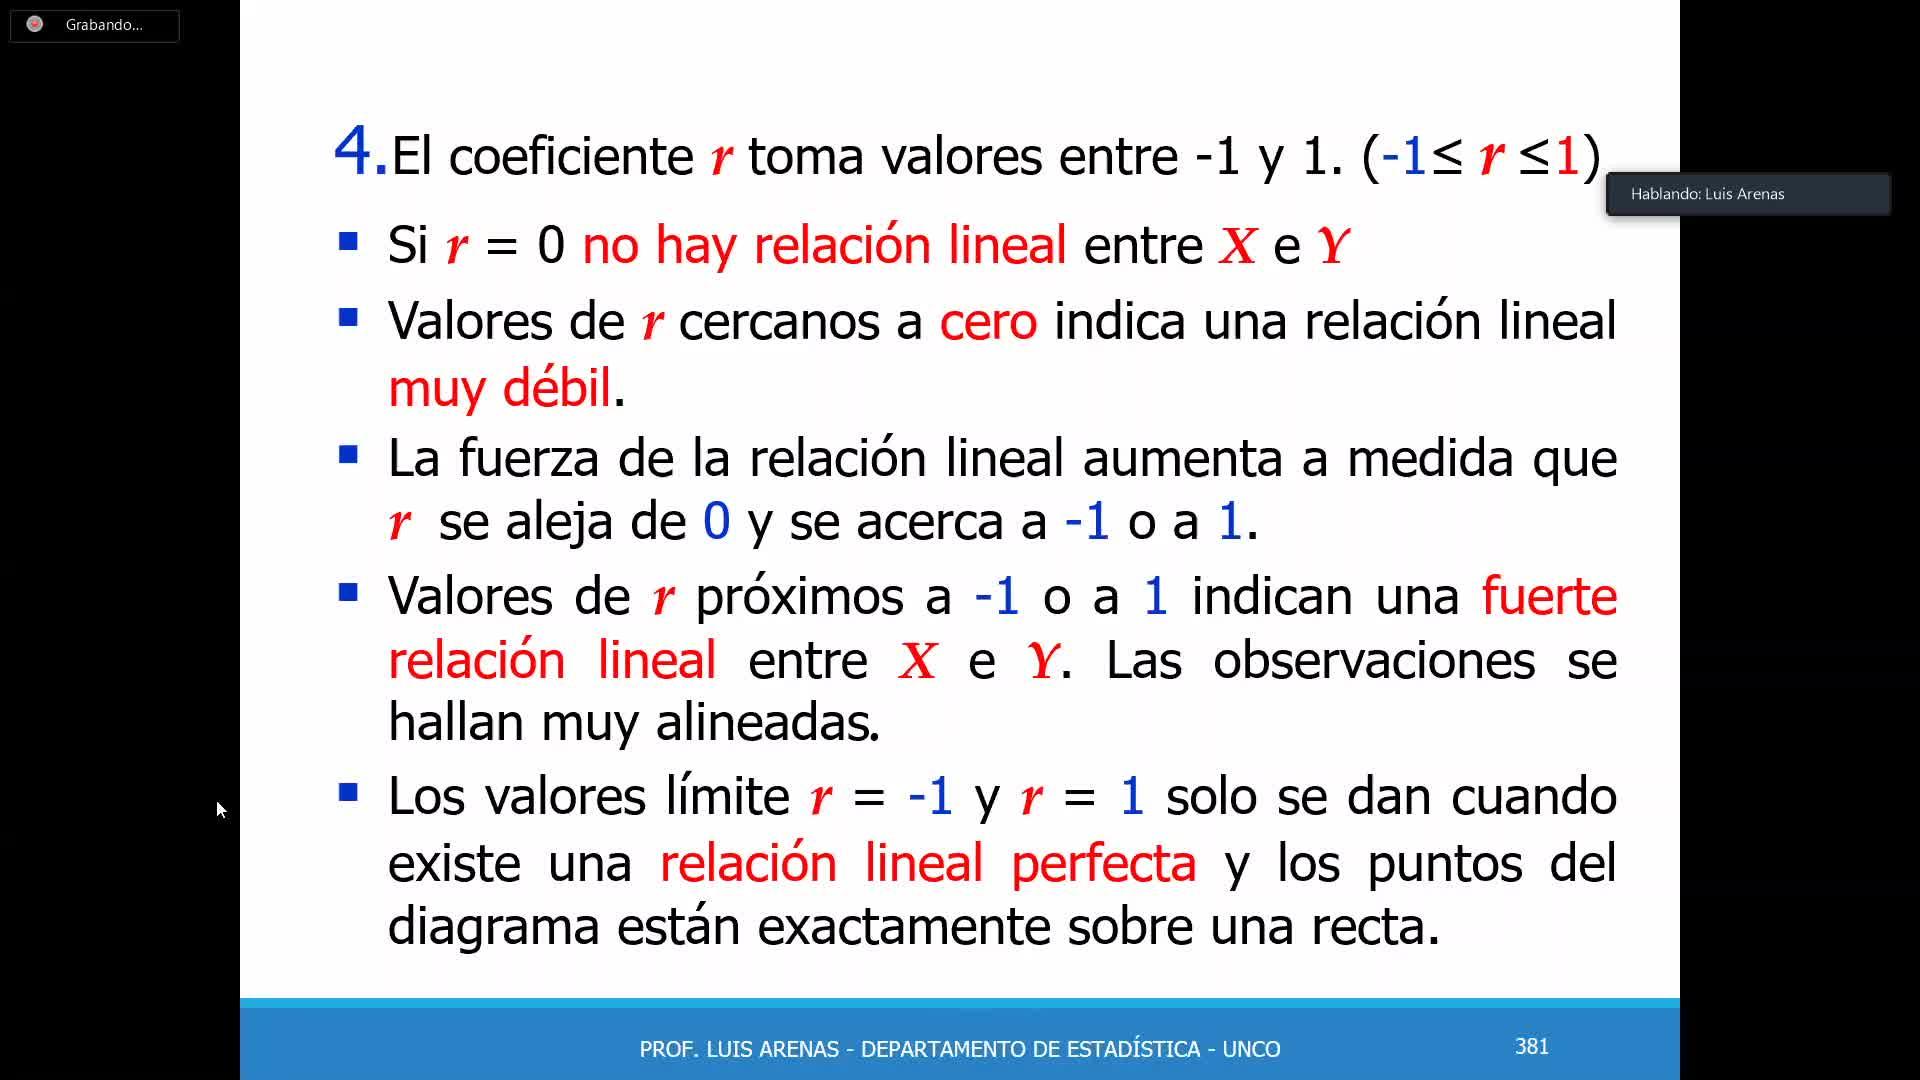 2020-06-04 Clase teórica (Regresión) Pt.2